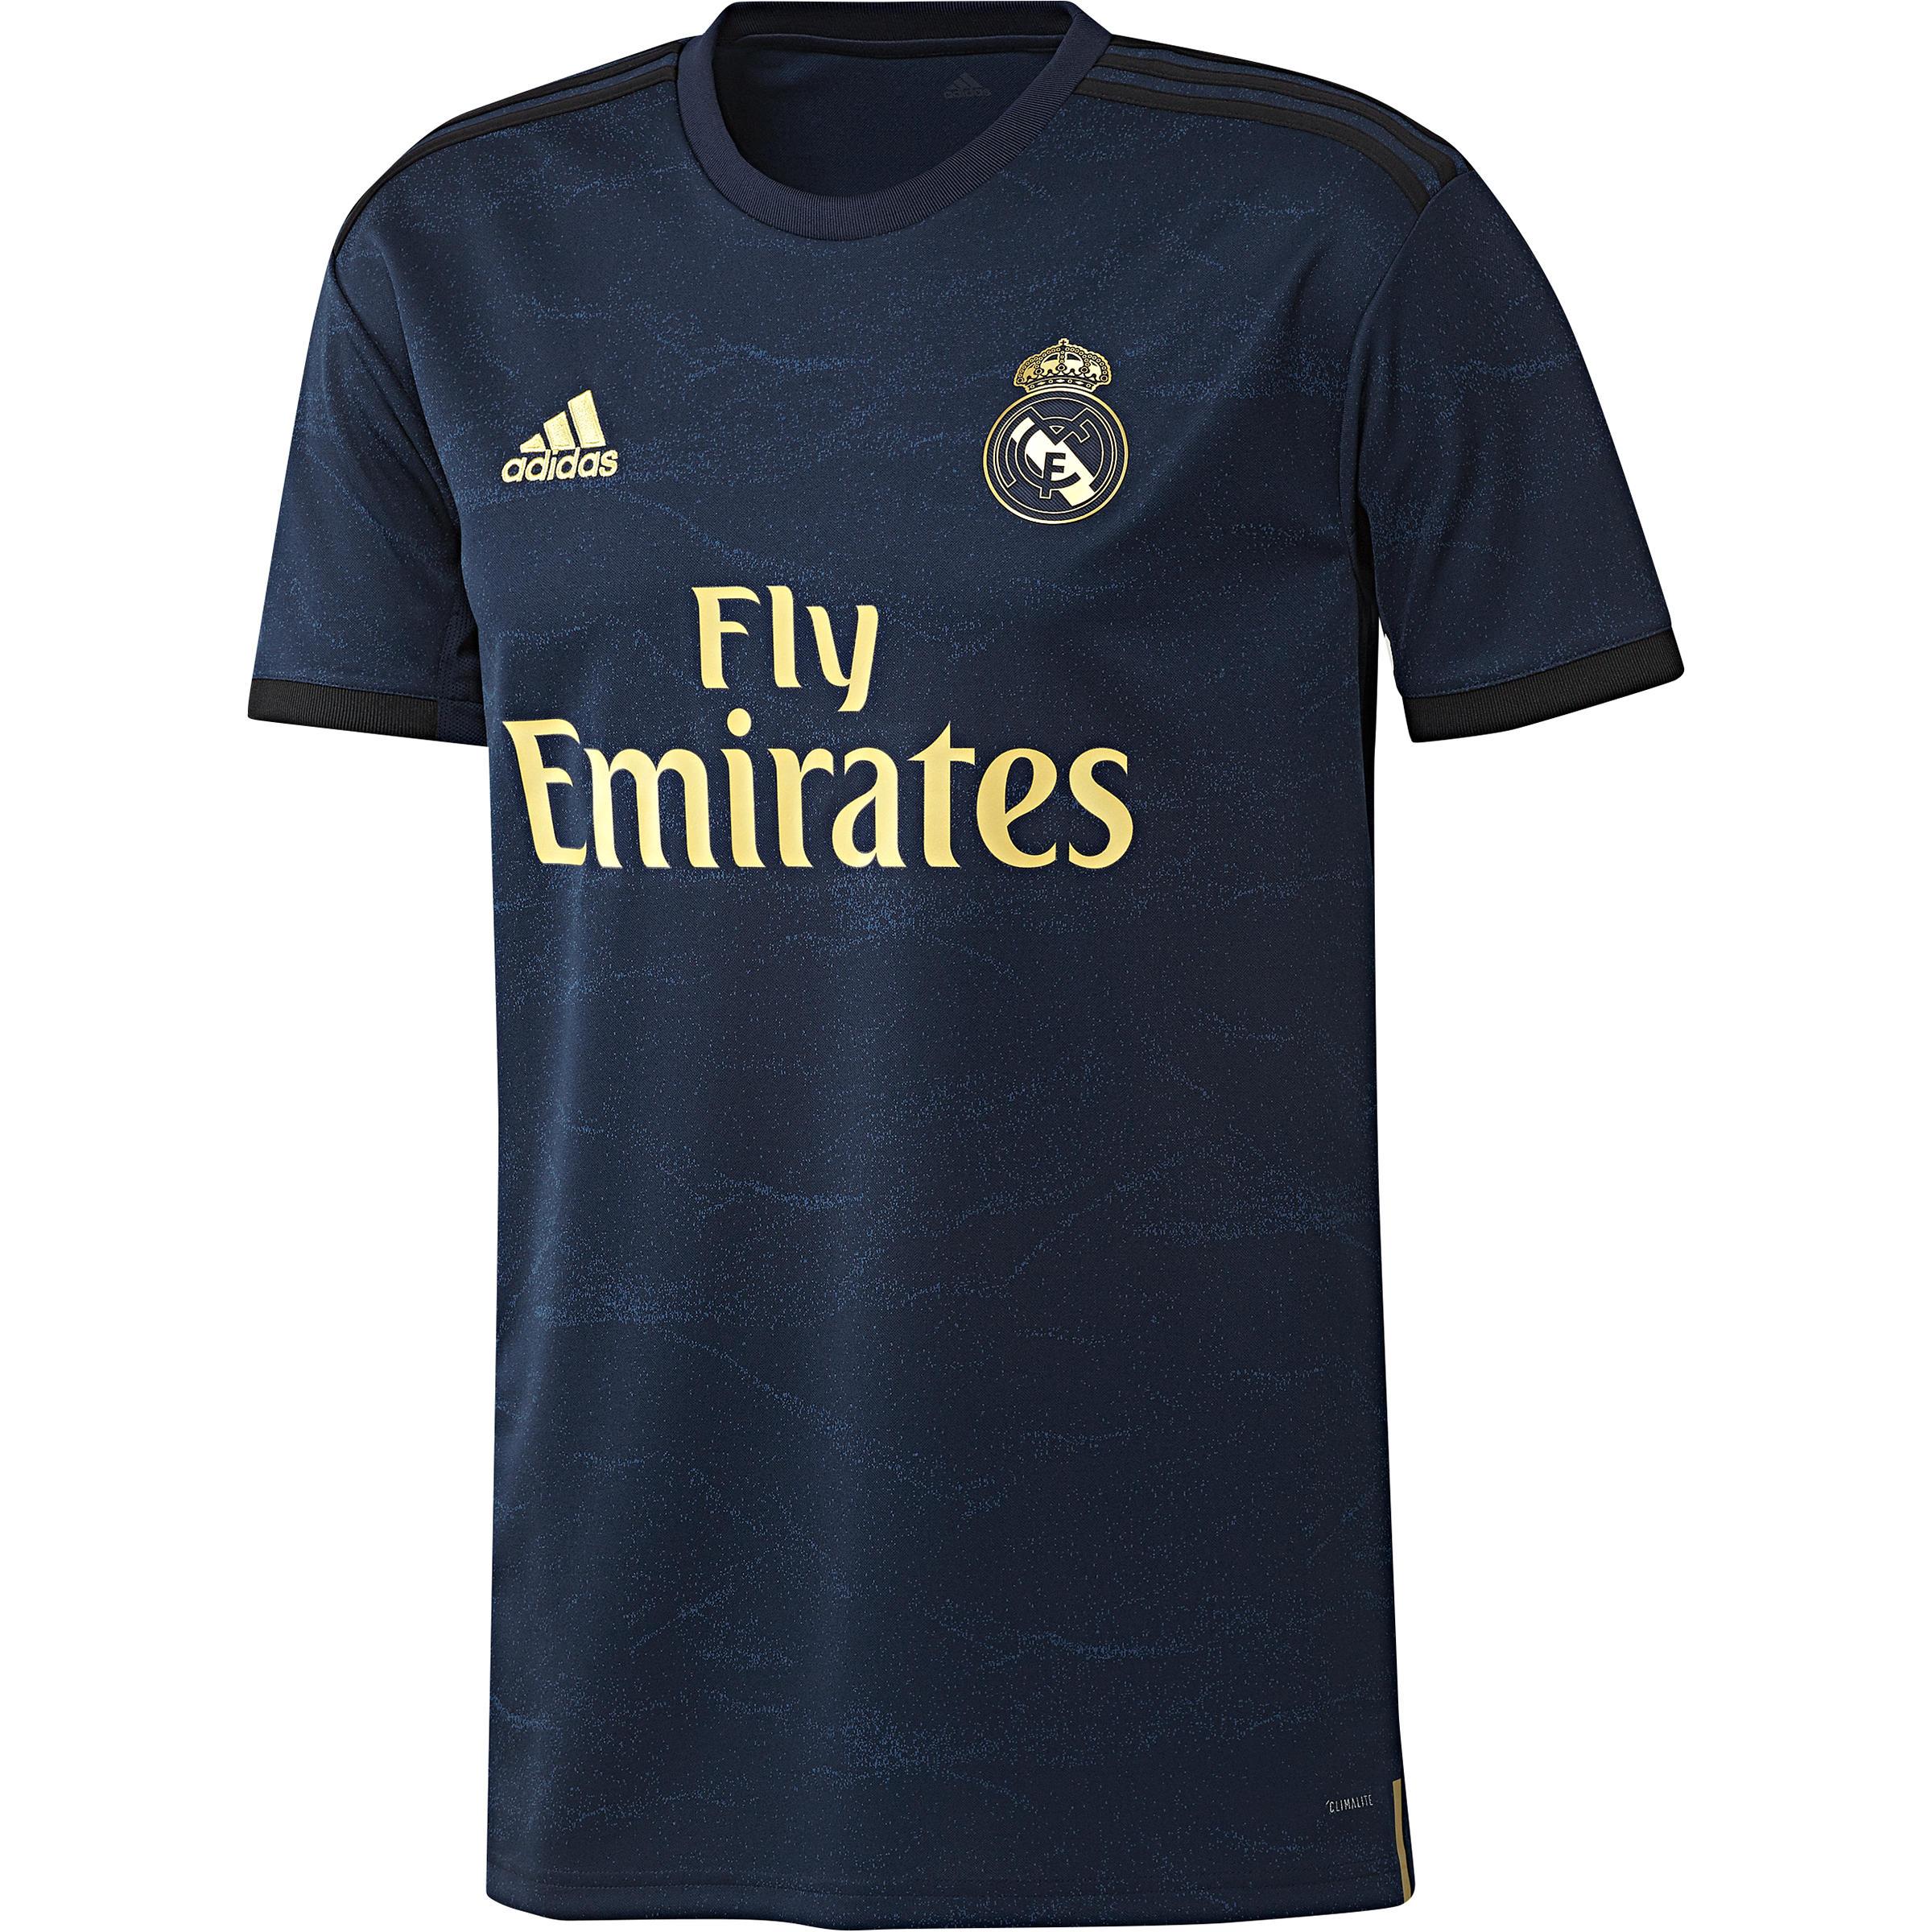 3640490a2a Camisetas de Fútbol Réplicas | Decathlon